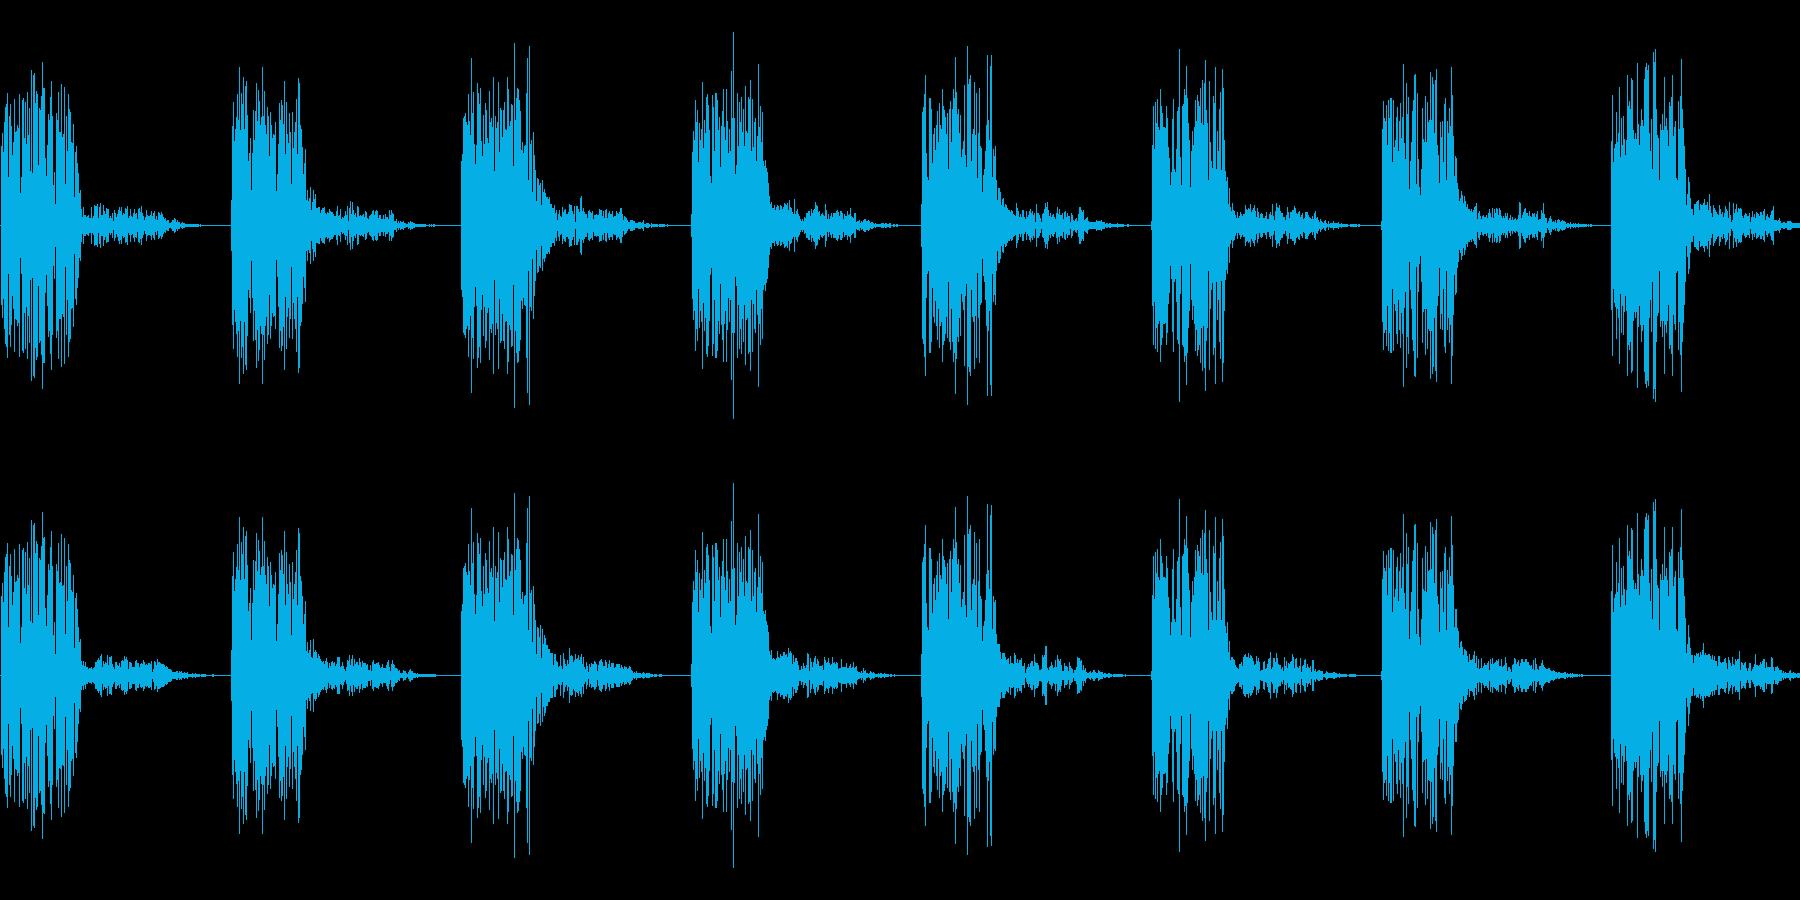 タタタタ(走る音、逃走音)の再生済みの波形